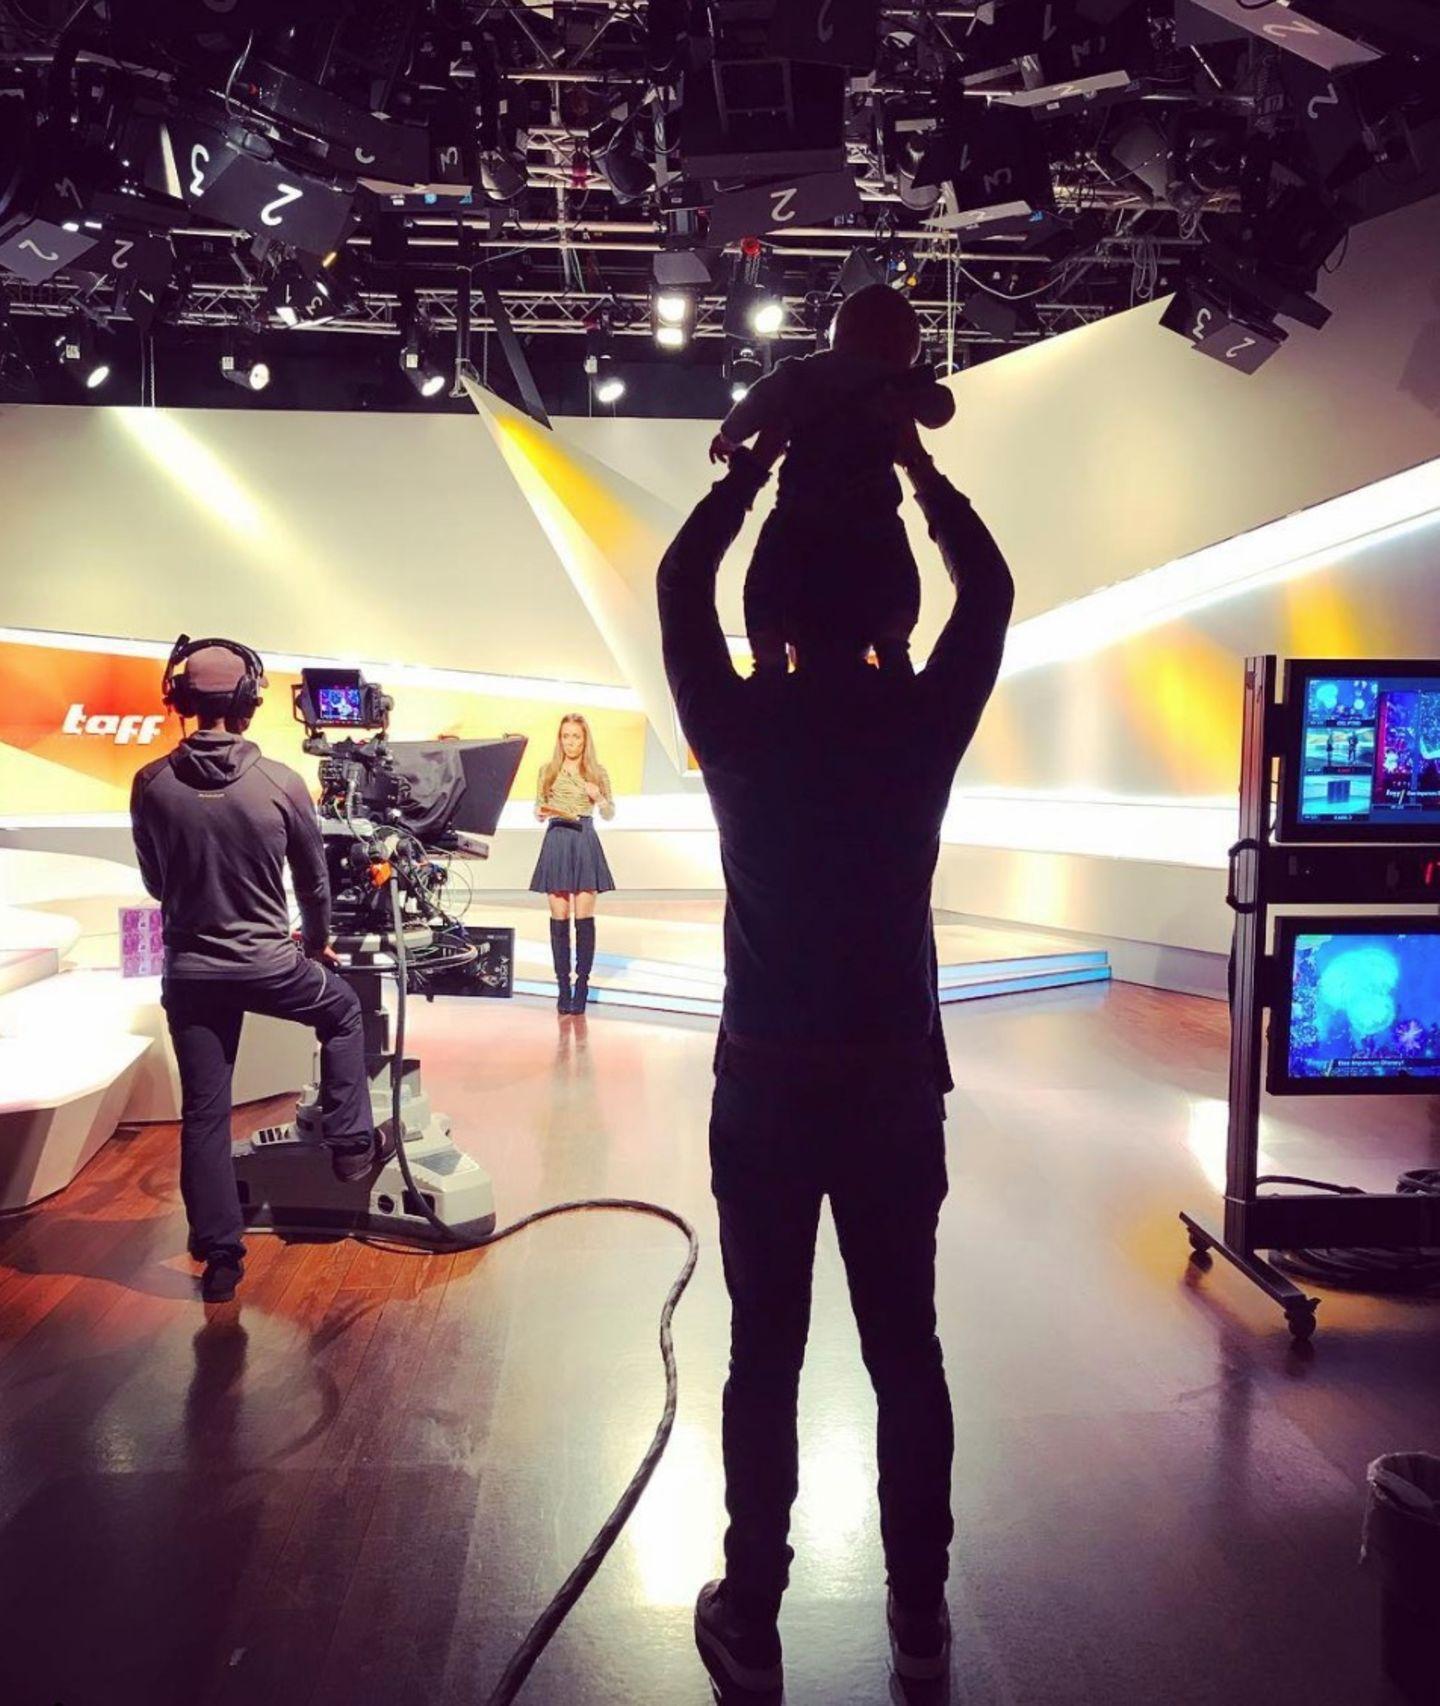 """6. Dezember 2018  Annemarie Carpendales Fanblock steht hinter den Studiokameras. Während ihrer Dreharbeiten für """"taff"""", bekommt die schöne Moderatorin Unterstützung von ihren Männern. """"Vip-Tribüne"""", schreibt Wayne bei Instagram."""